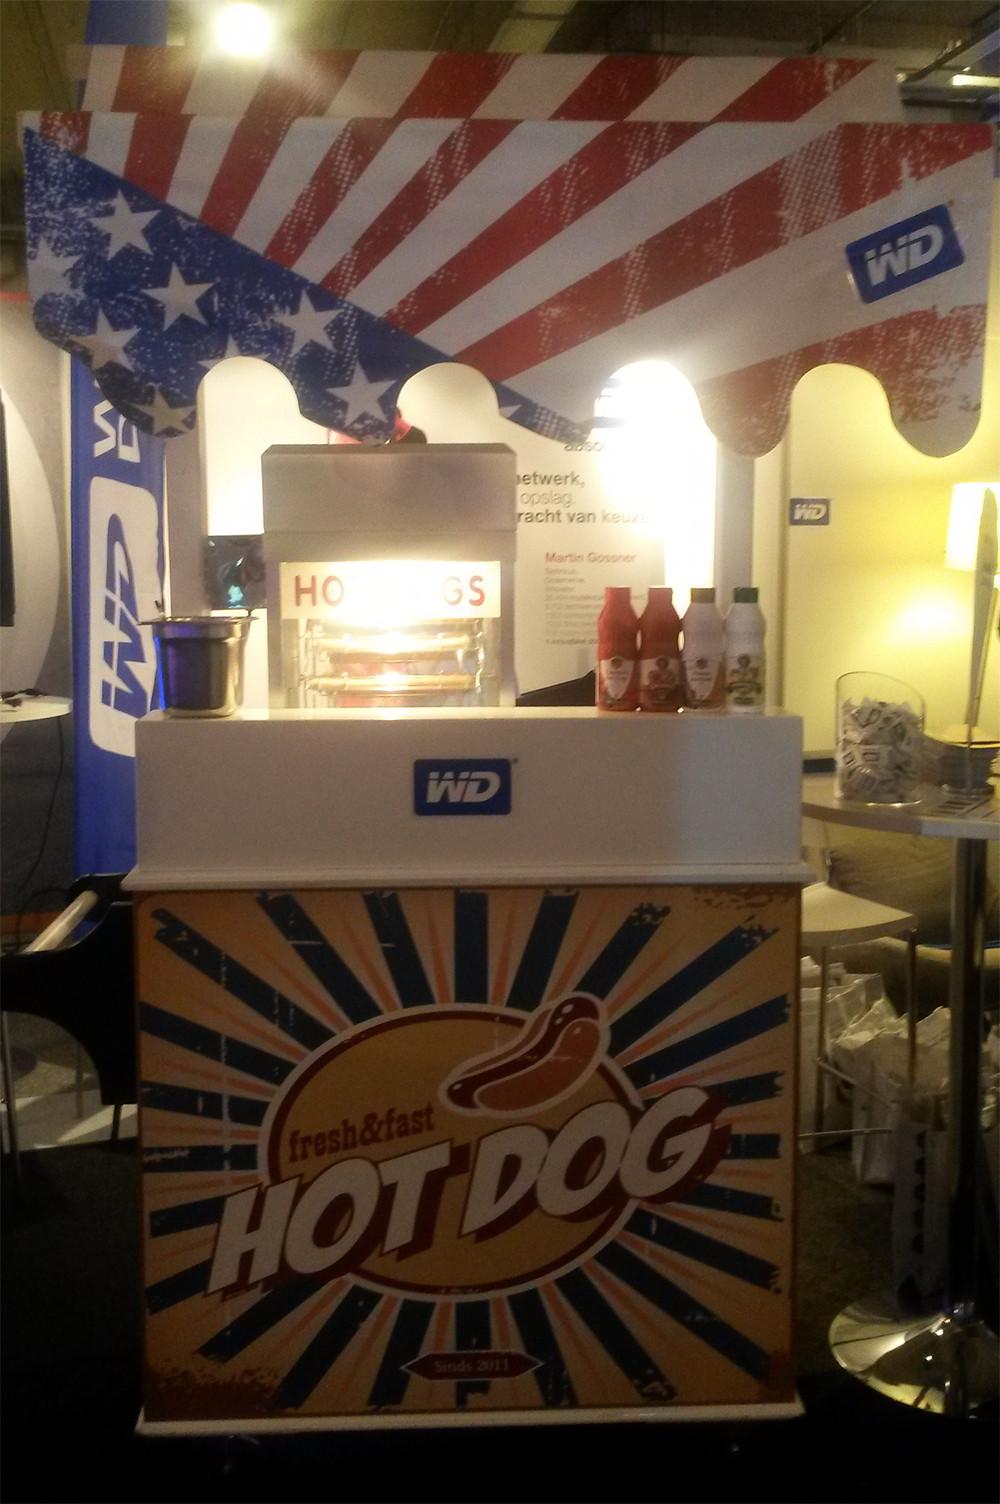 Verse broodjes hotdogs voor Western Digital